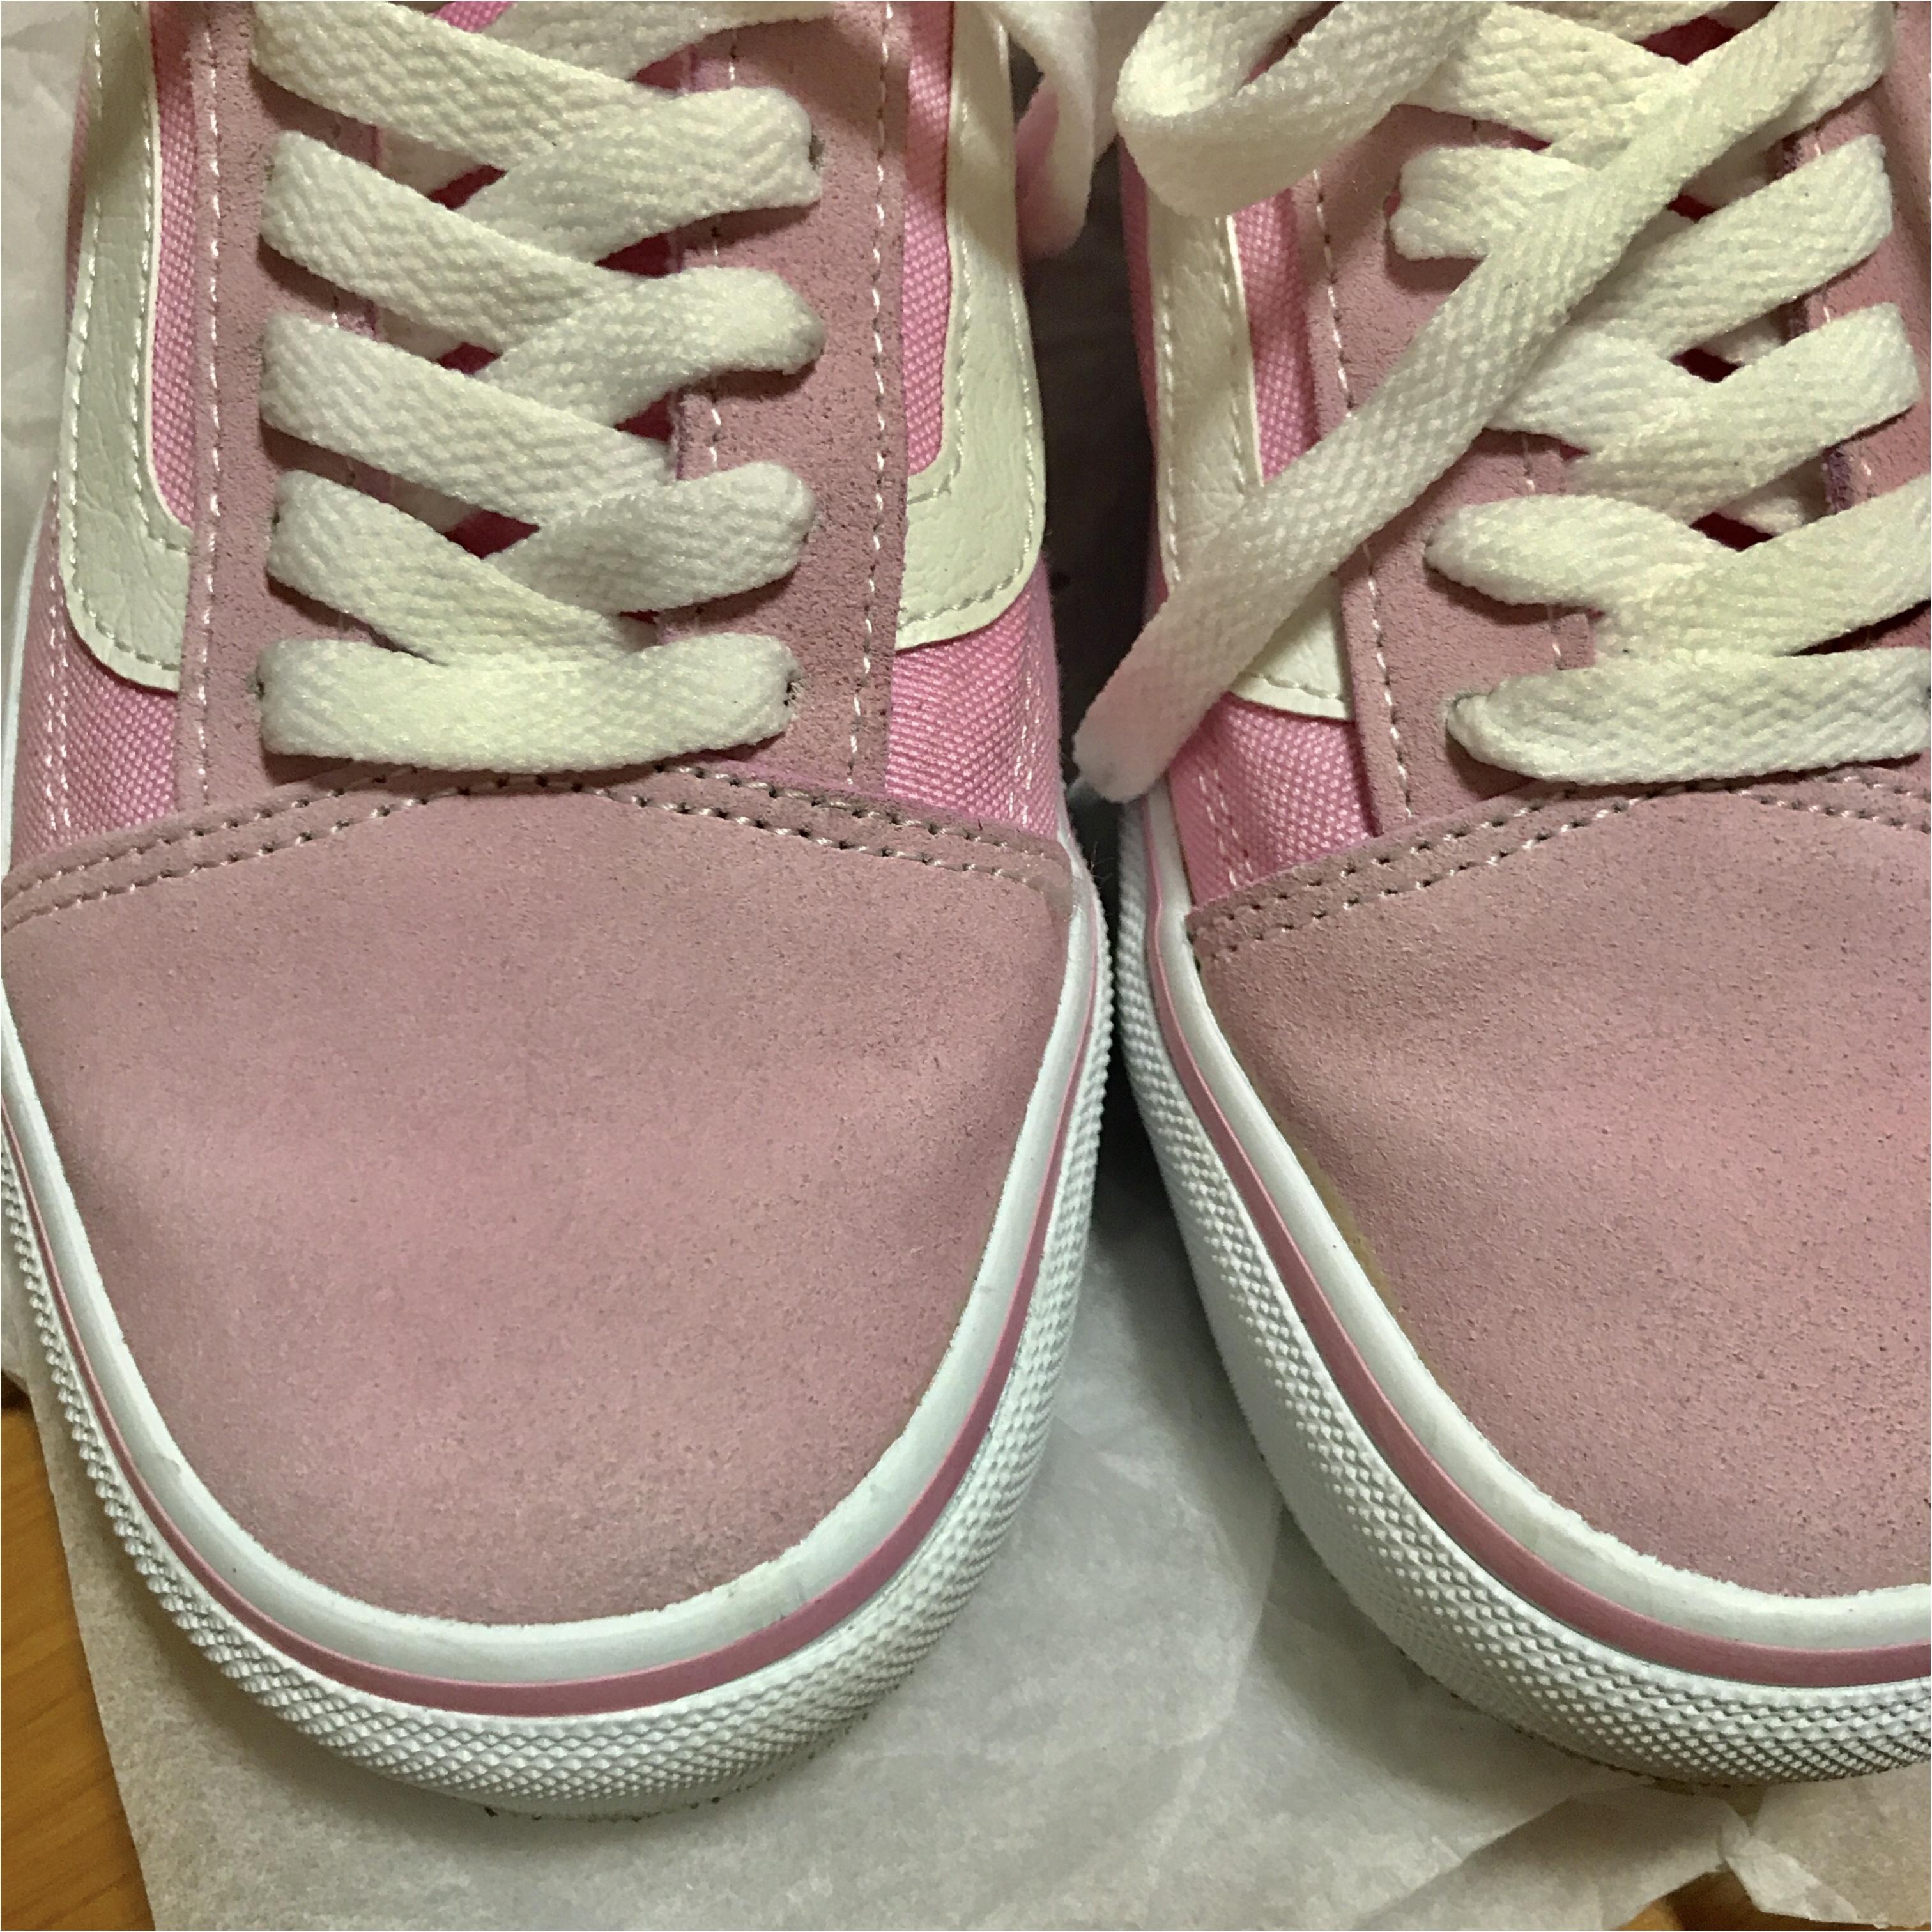 お気に入りの靴をキレイに♡【無印良品】のお手入れグッズがオススメ!!_4